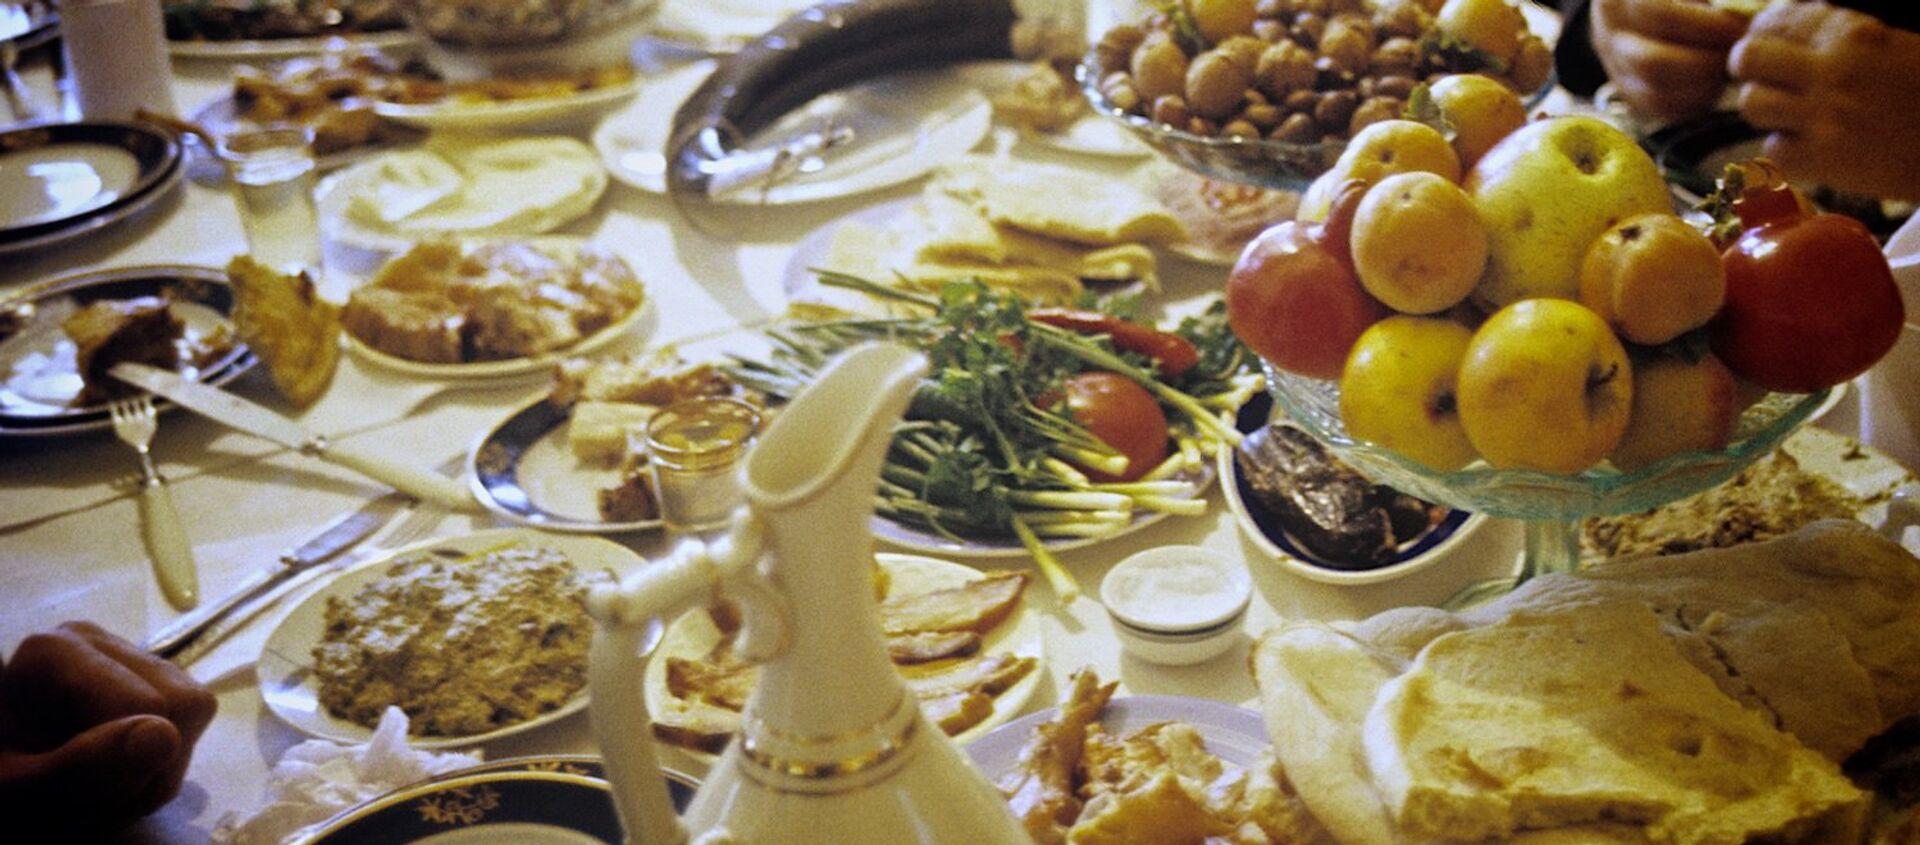 Грузинское застолье - семья собралась за ужином в одном из сел Терджольского района. - Sputnik Азербайджан, 1920, 16.02.2021